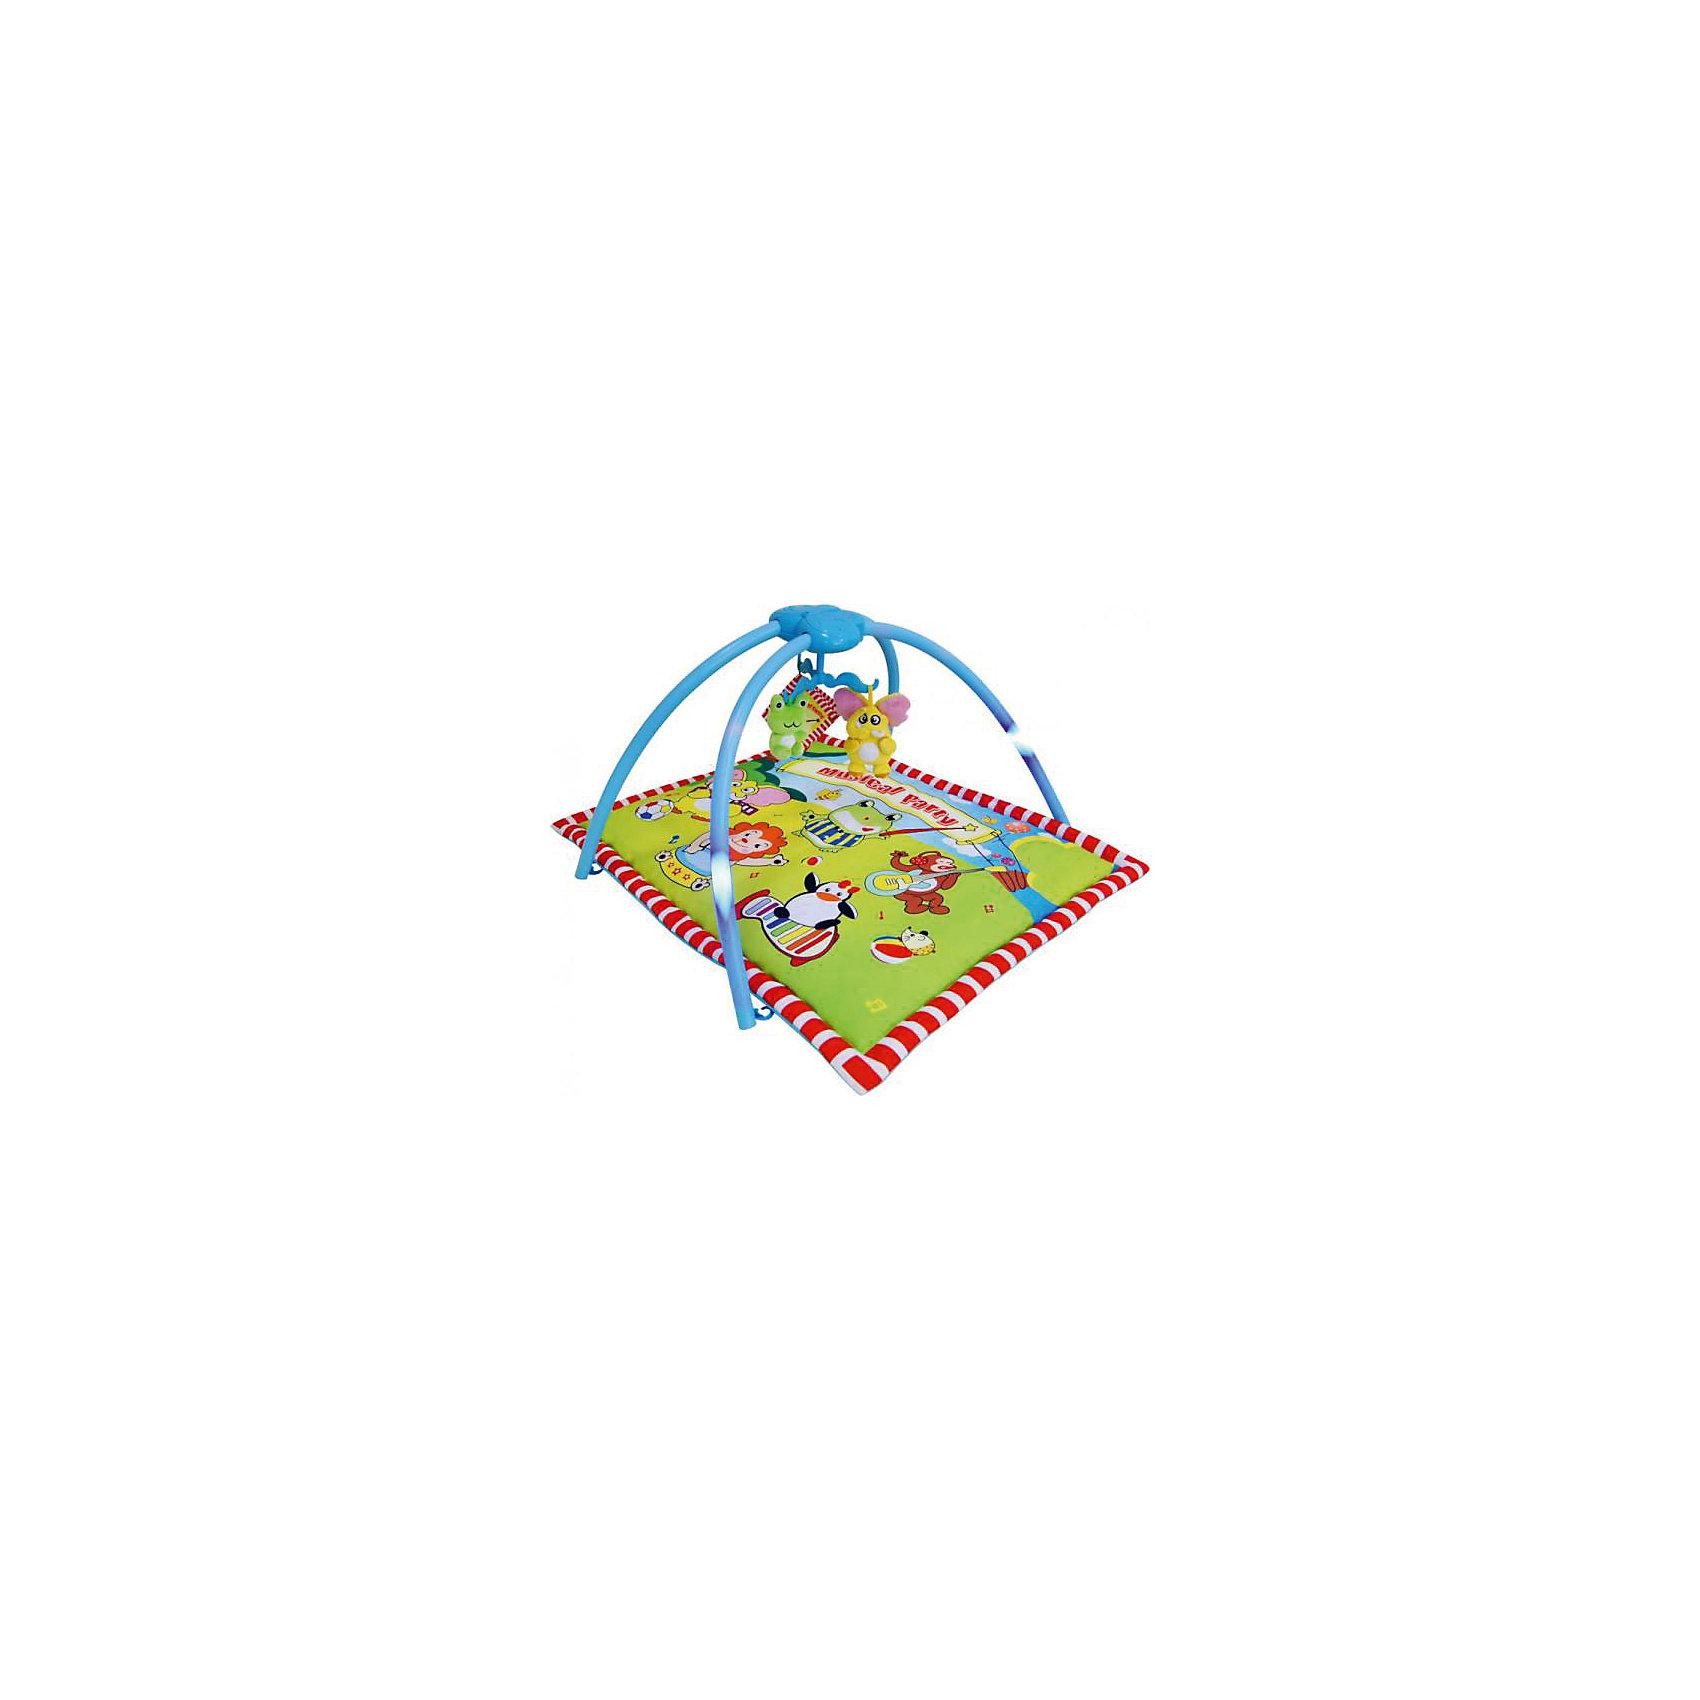 LaDiDa Развивающий коврик Музыкальная вечеринка, LaDiDa развивающий коврик ult купить челябинск